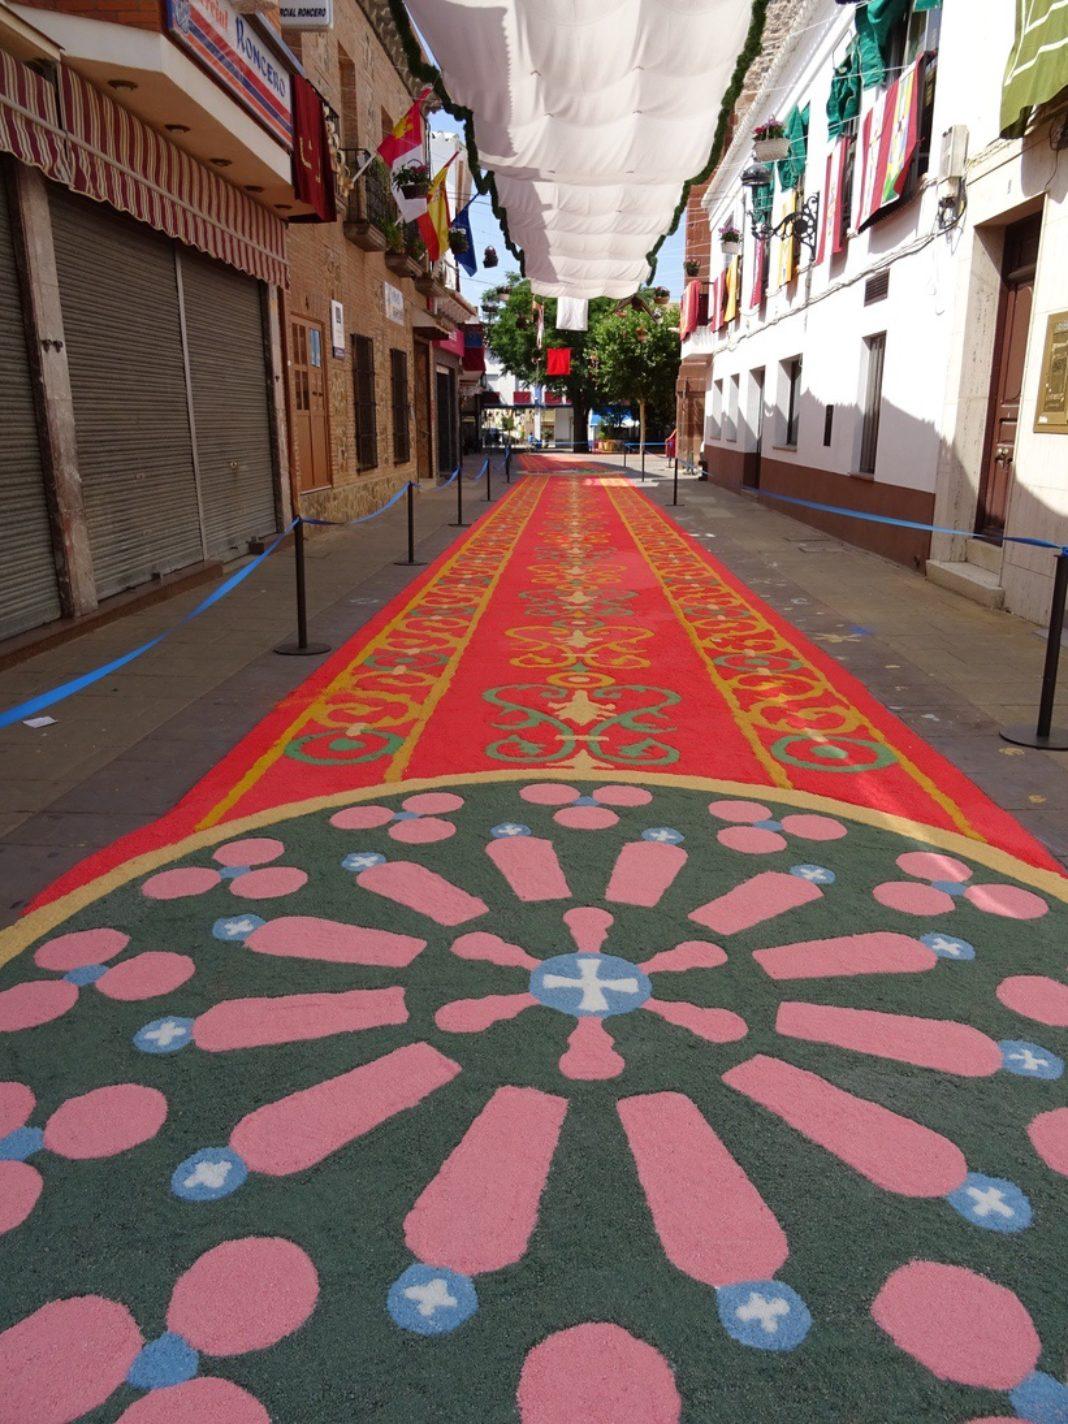 DSC05216 e1578736254274 1068x1424 - Herencia con la Comisión Gestora de Entidades Alfombristas del Camino de Santiago